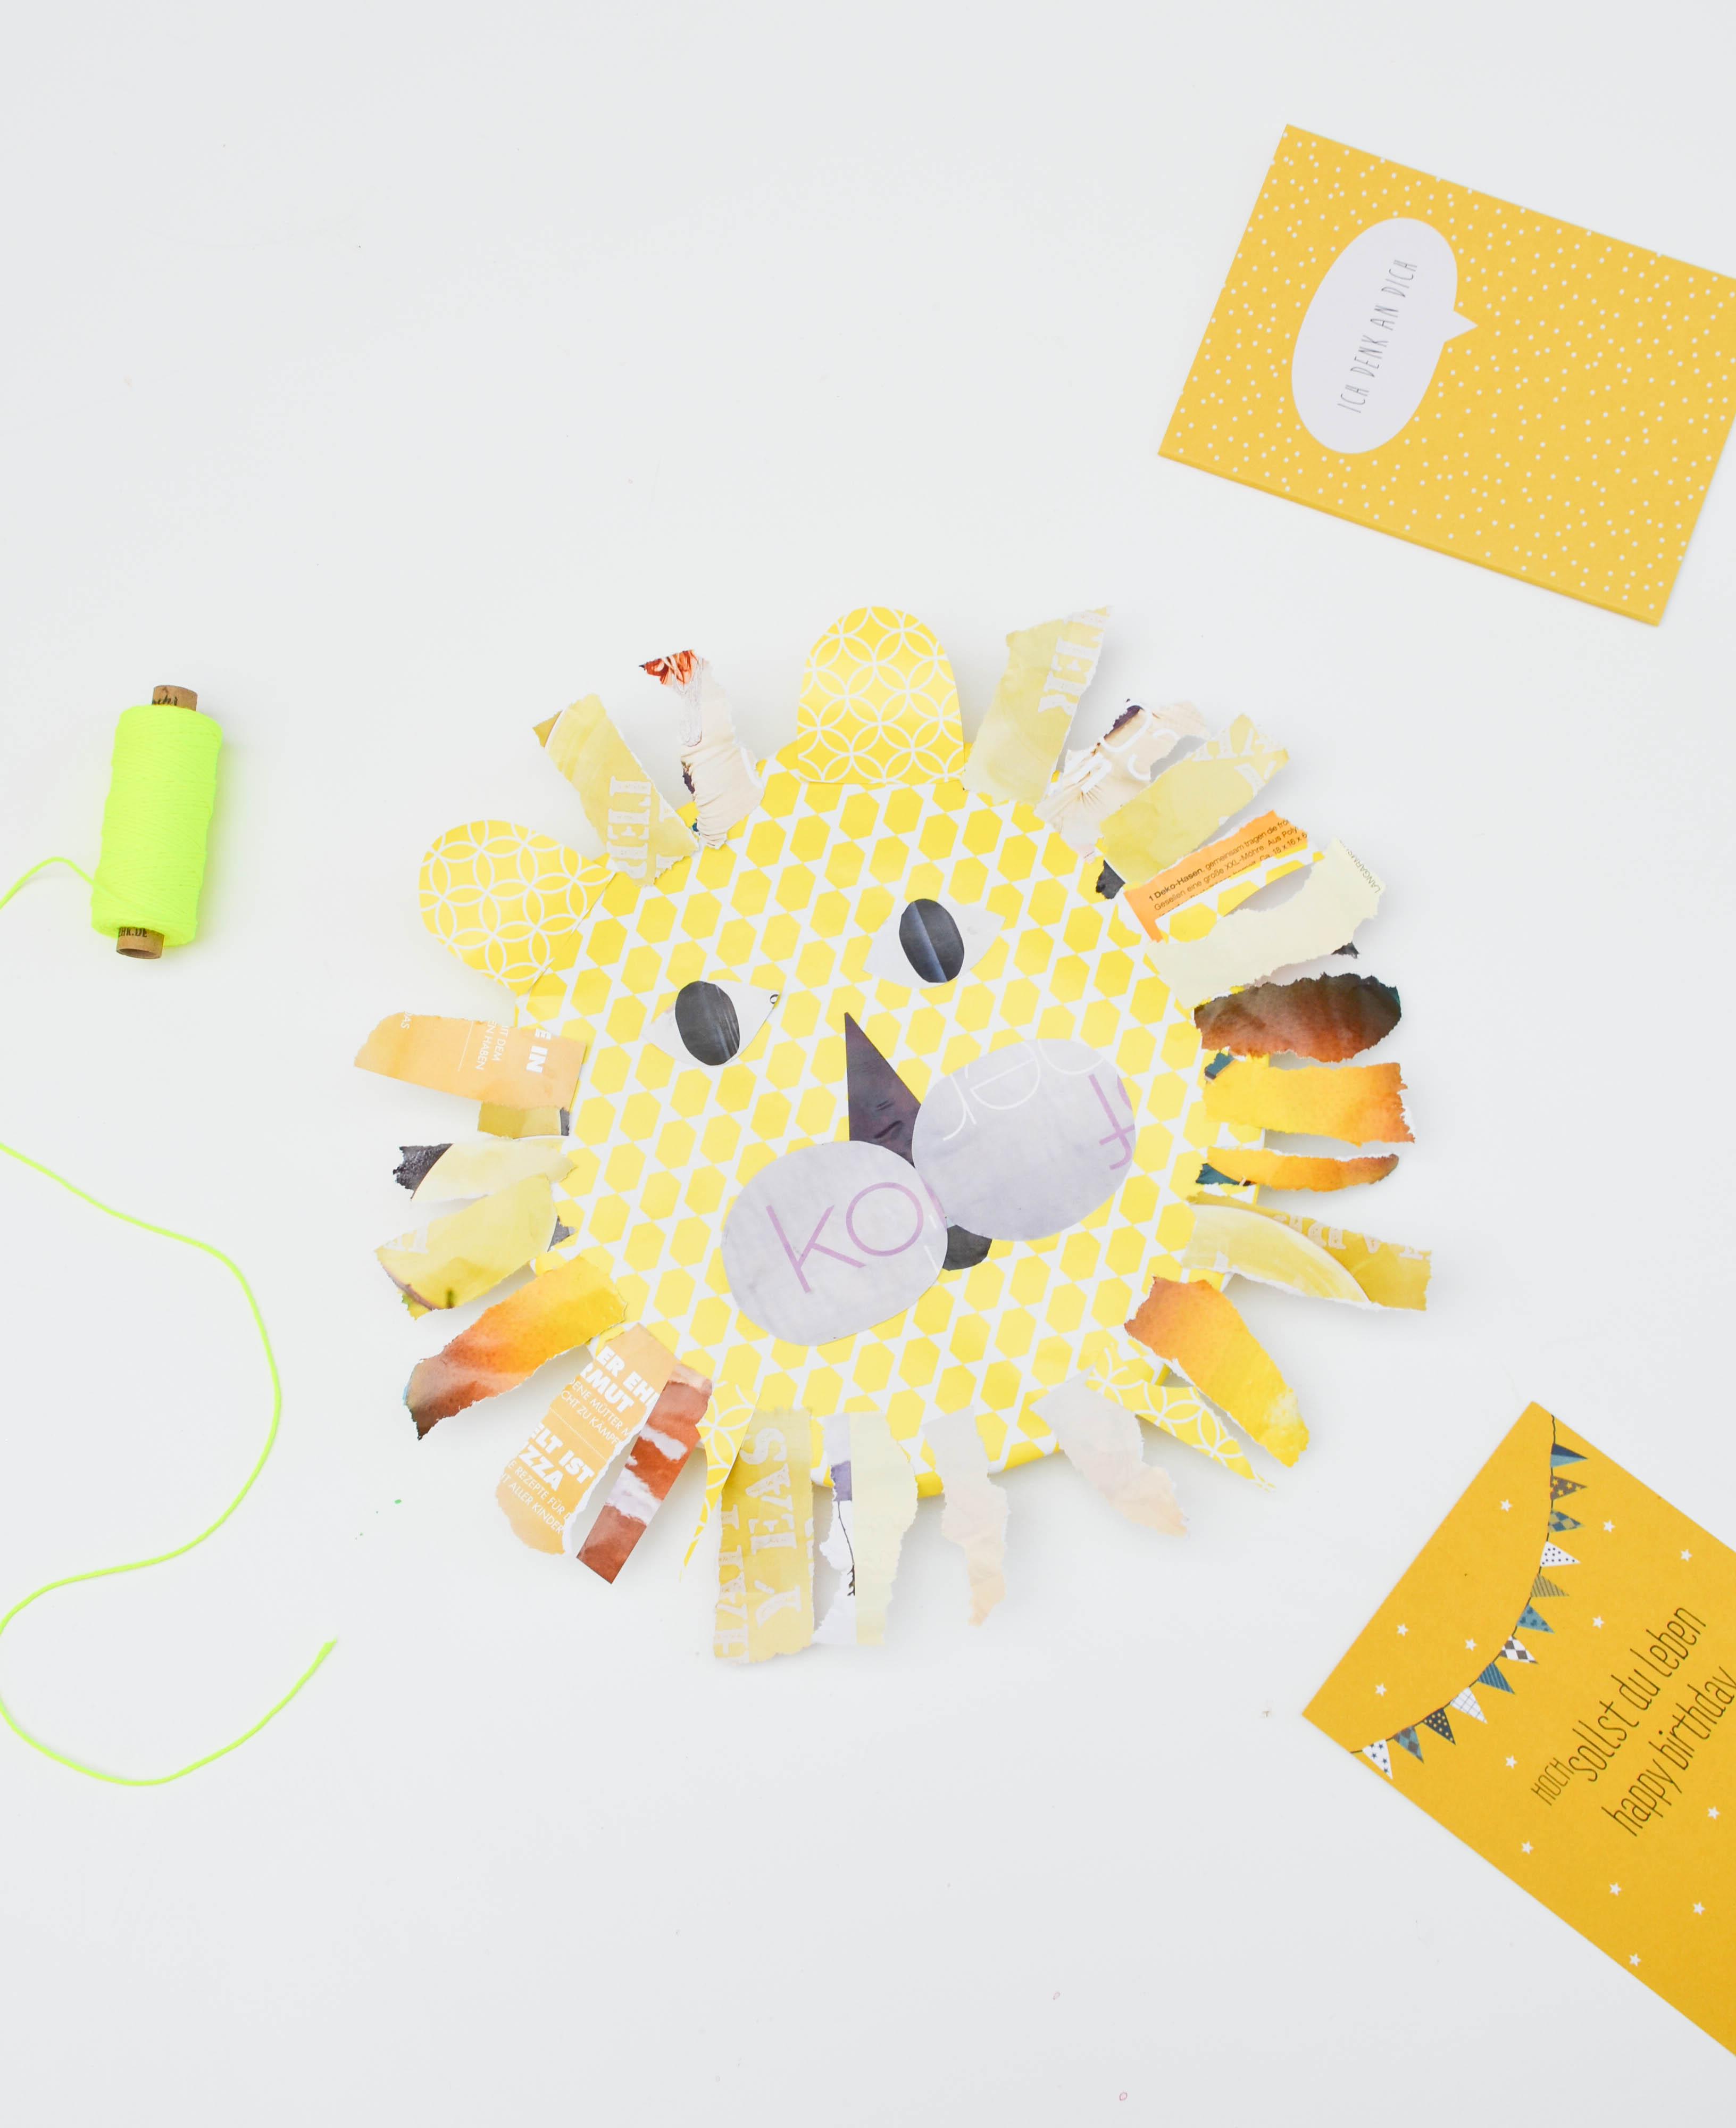 Löwe, Geschenk, einpacken